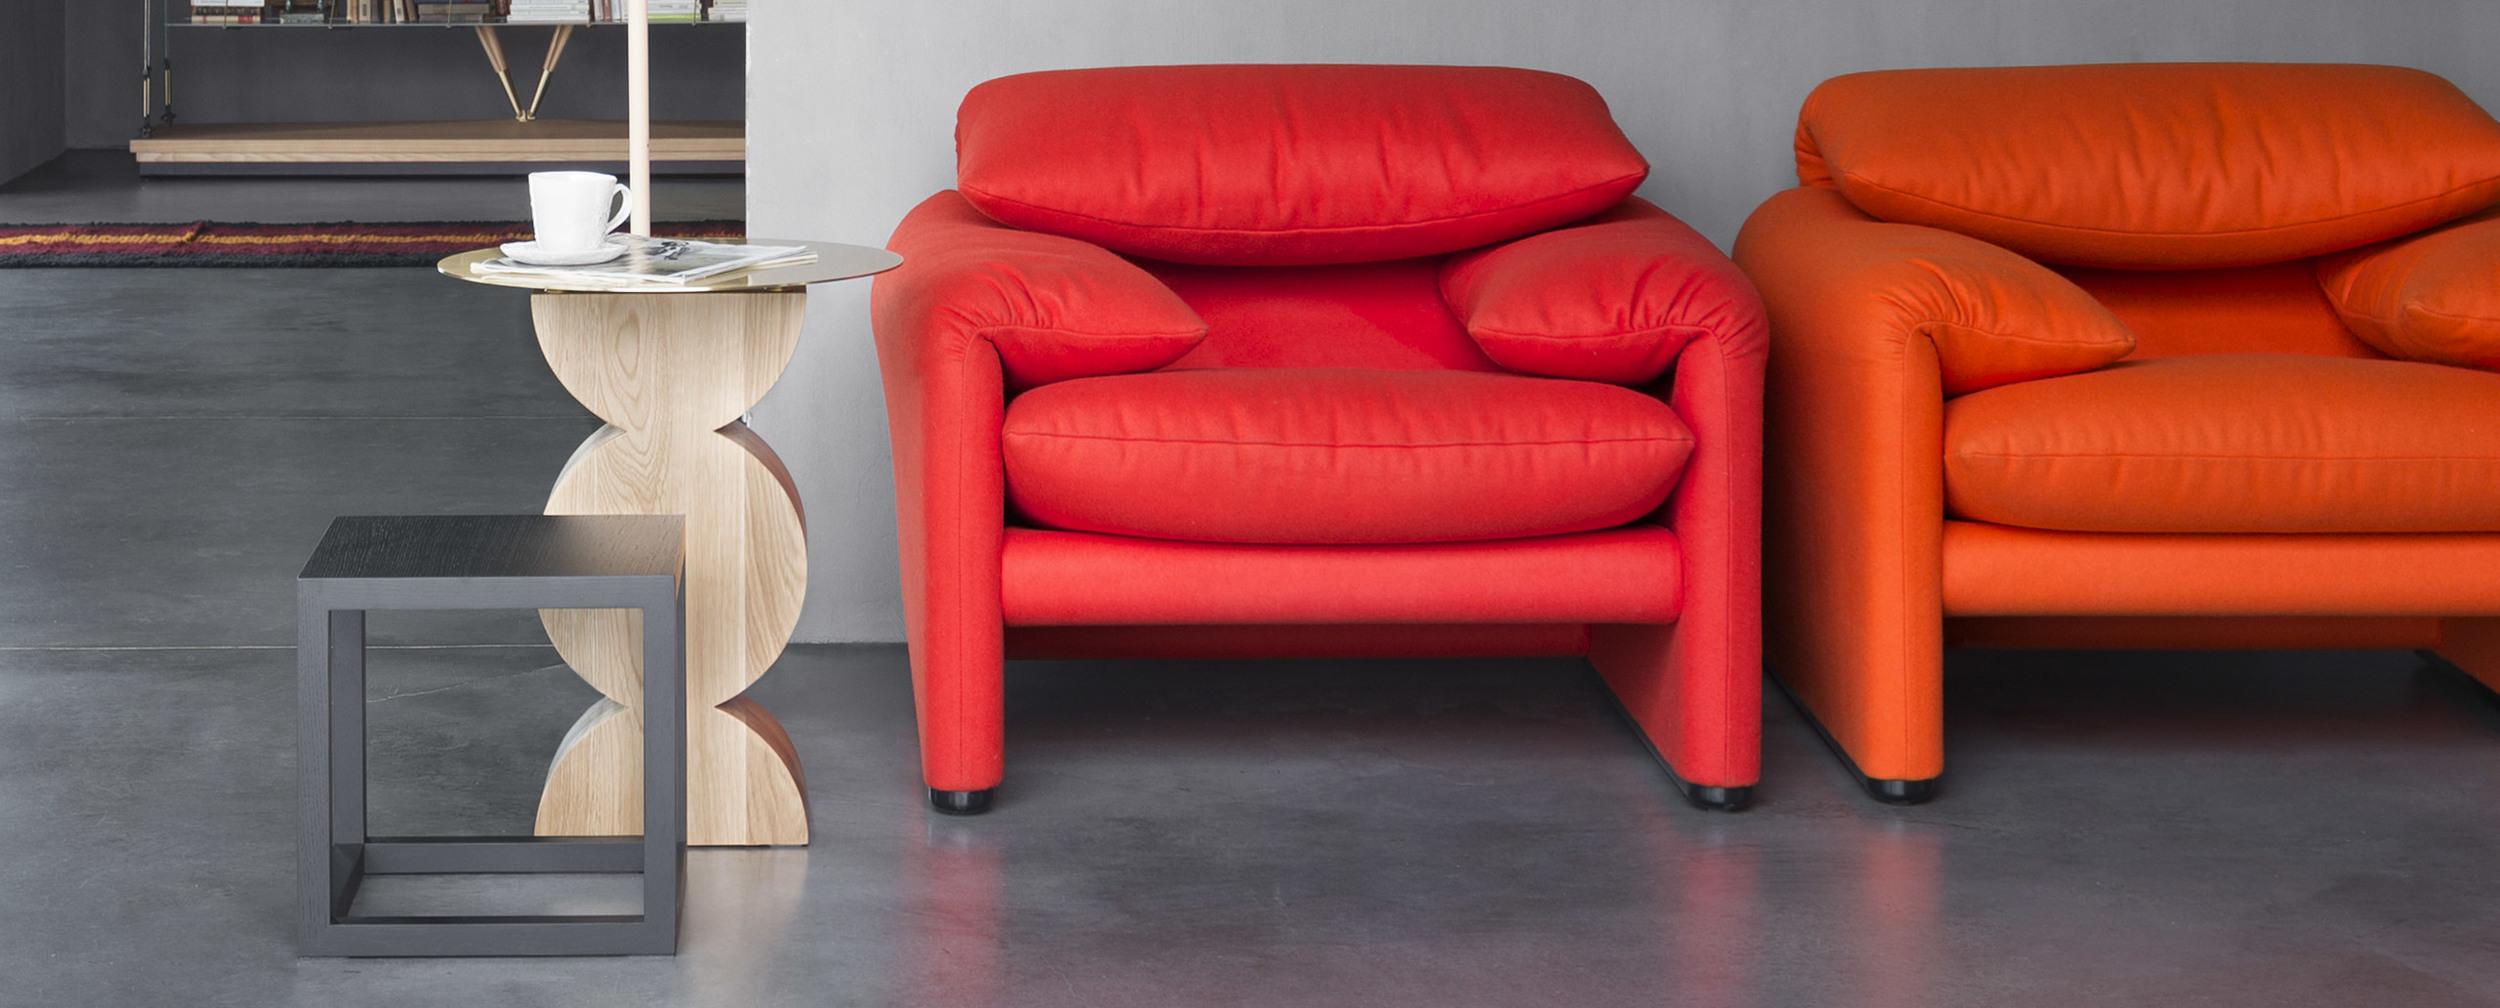 675_maralunga_5 Cassina Loncin design meubel zetel Leuven Brussels mechelen antwerpen vlaams-branbant Limburg Hasselt Tongeren Genk Sint-Truiden Zoutleeuw.jpg